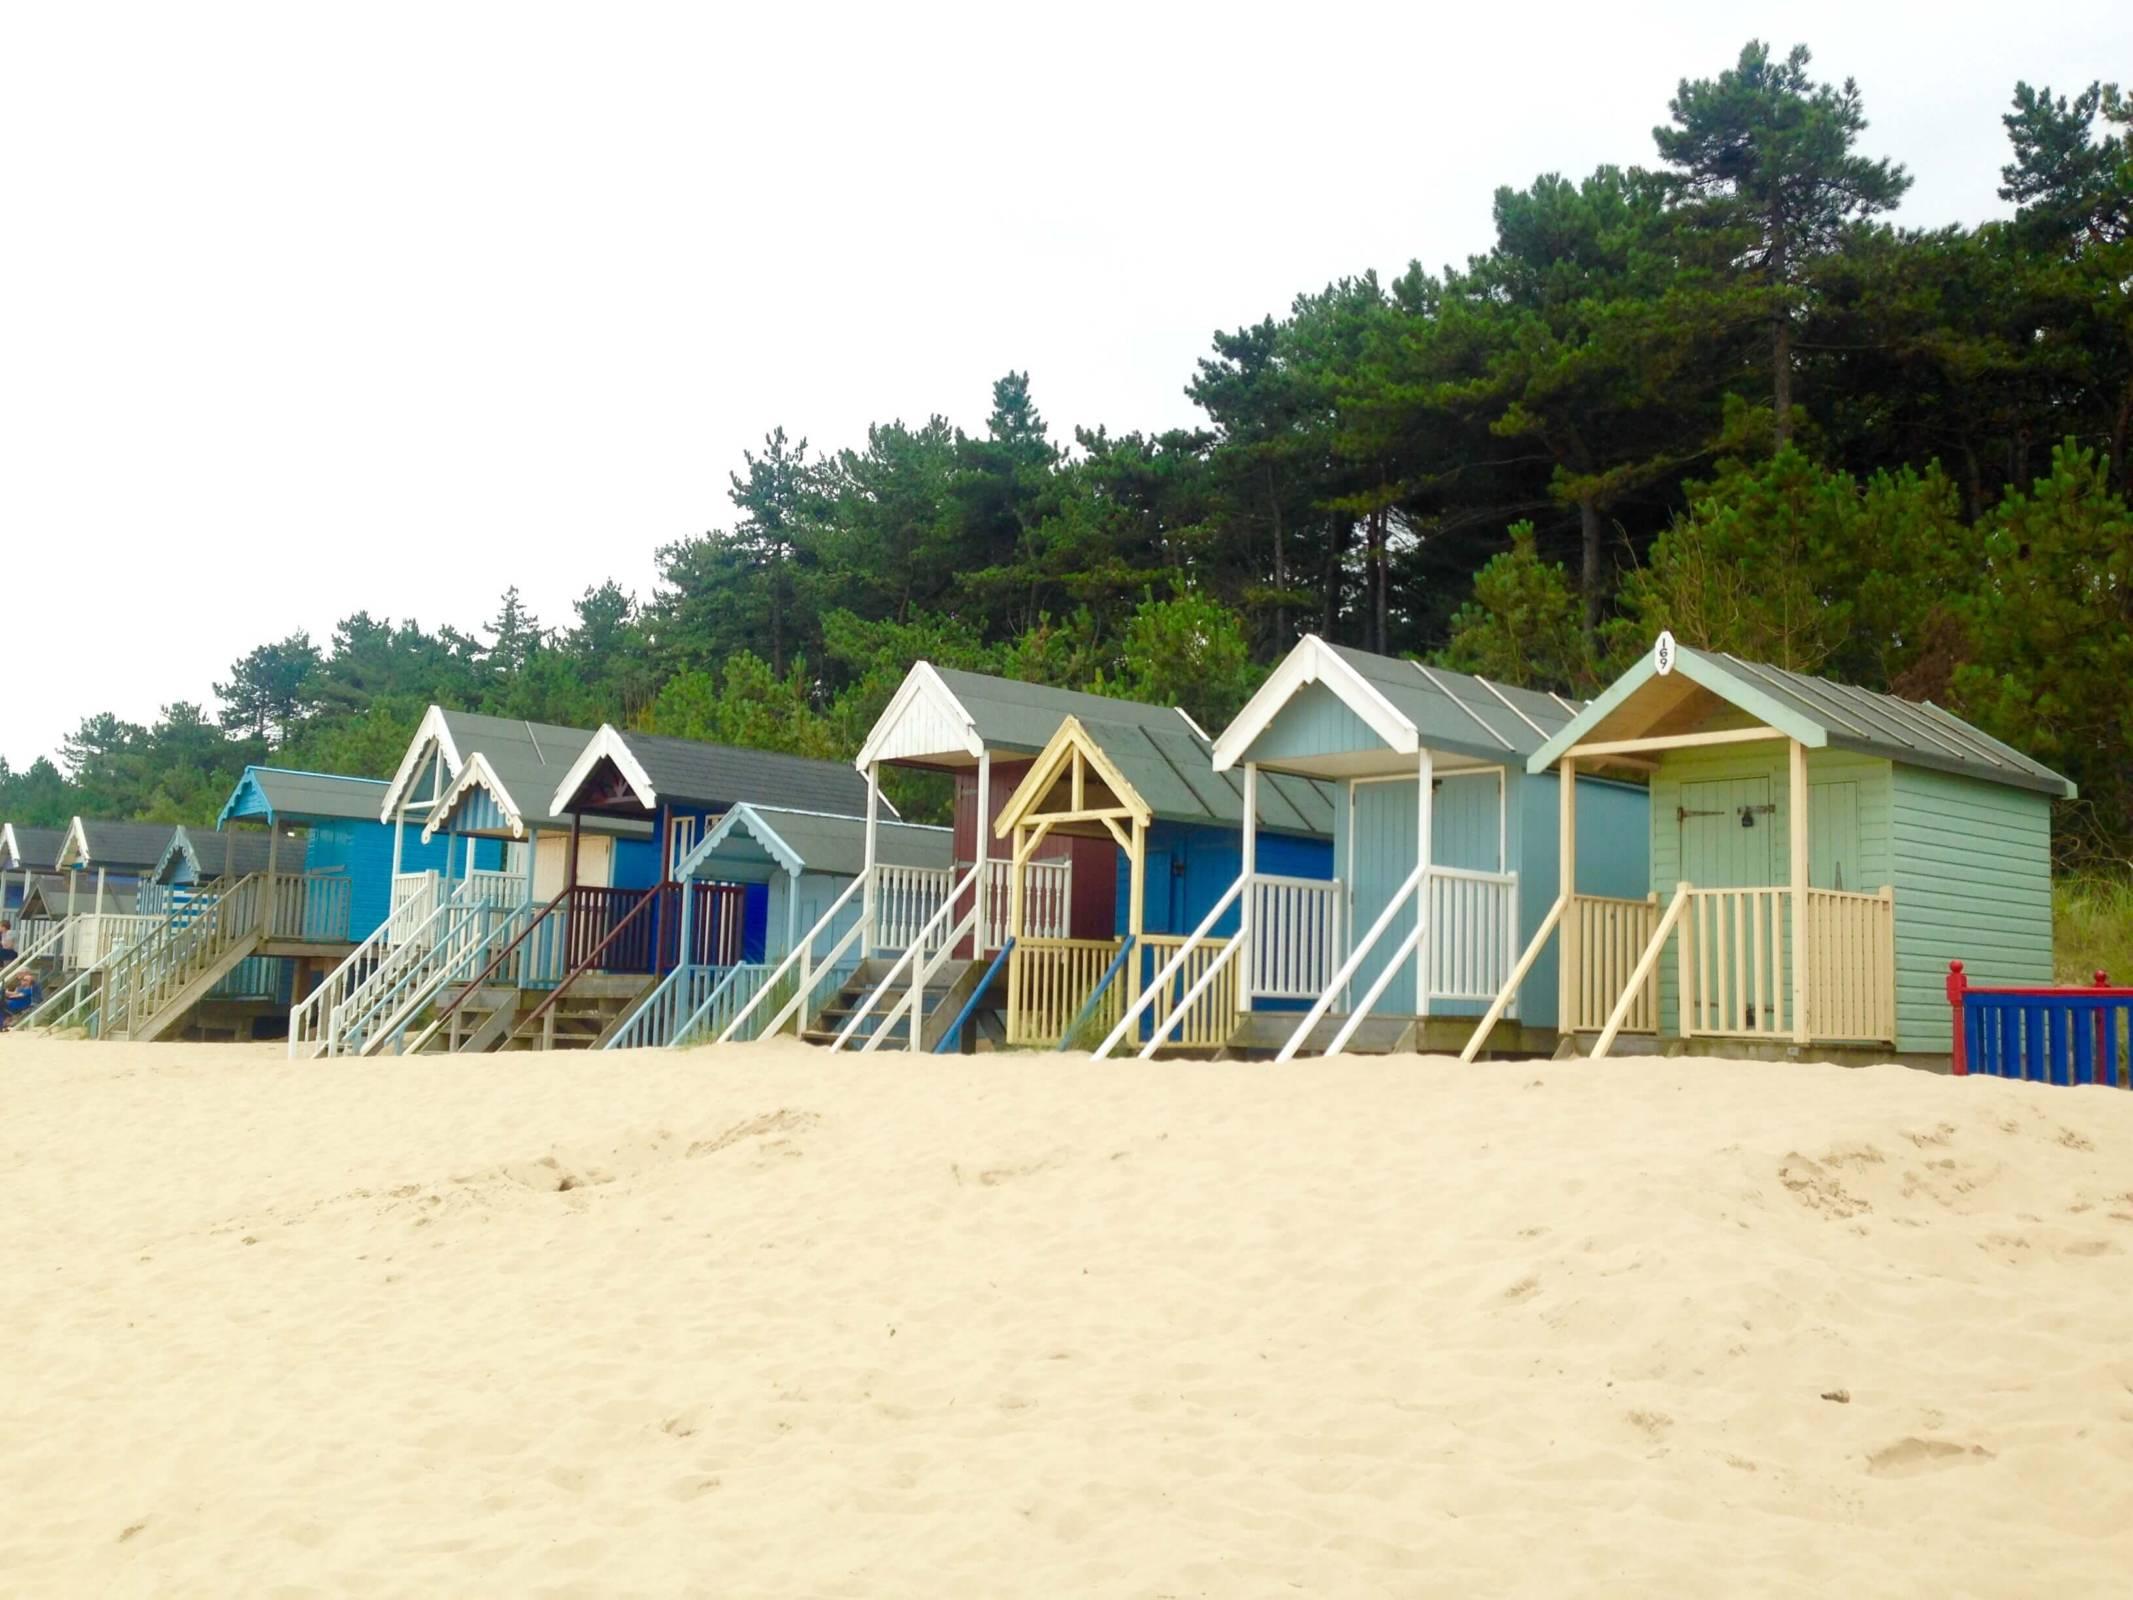 YHA Wells huts